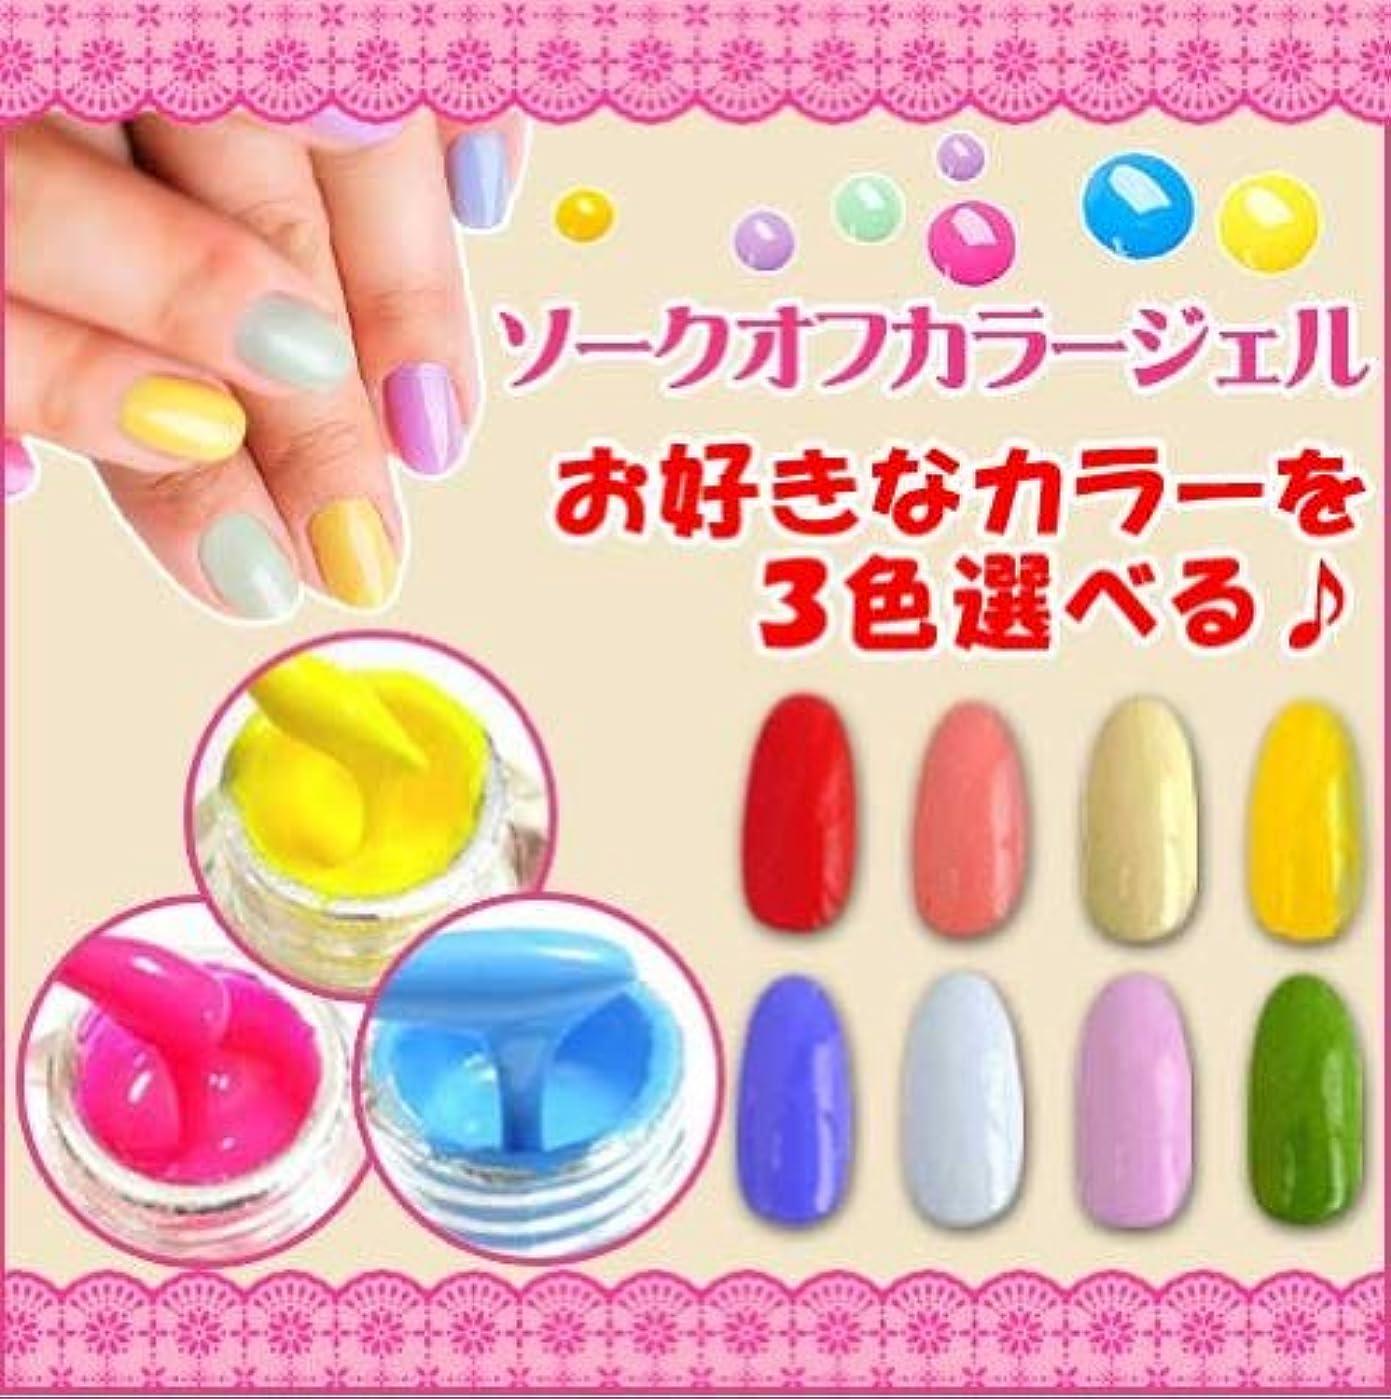 ペチュランス黒人レルム【好きなカラーが選べる?】カラージェル3色セット☆発色抜群